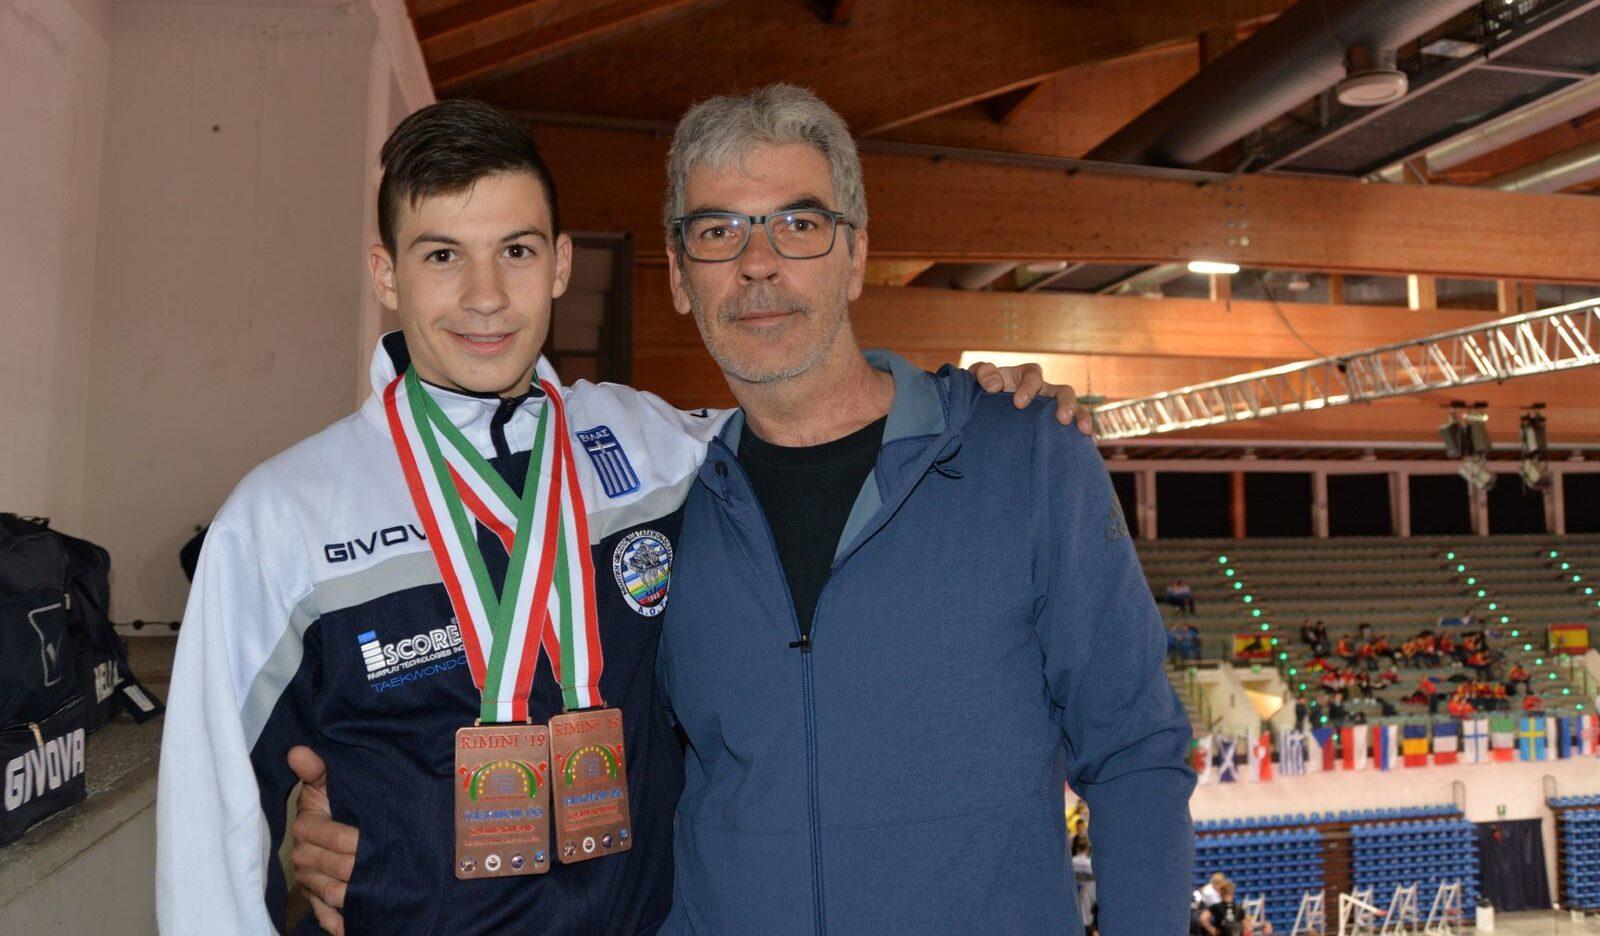 Ένας Κεφαλλονίτης στην κορυφή της Ευρώπης στο ταε κβο ντό -Με δύο μετάλλια επέστρεψε από το Ρίμινι της Ιταλίας ο Σωκράτης Βαλλιάνος [εικόνες]